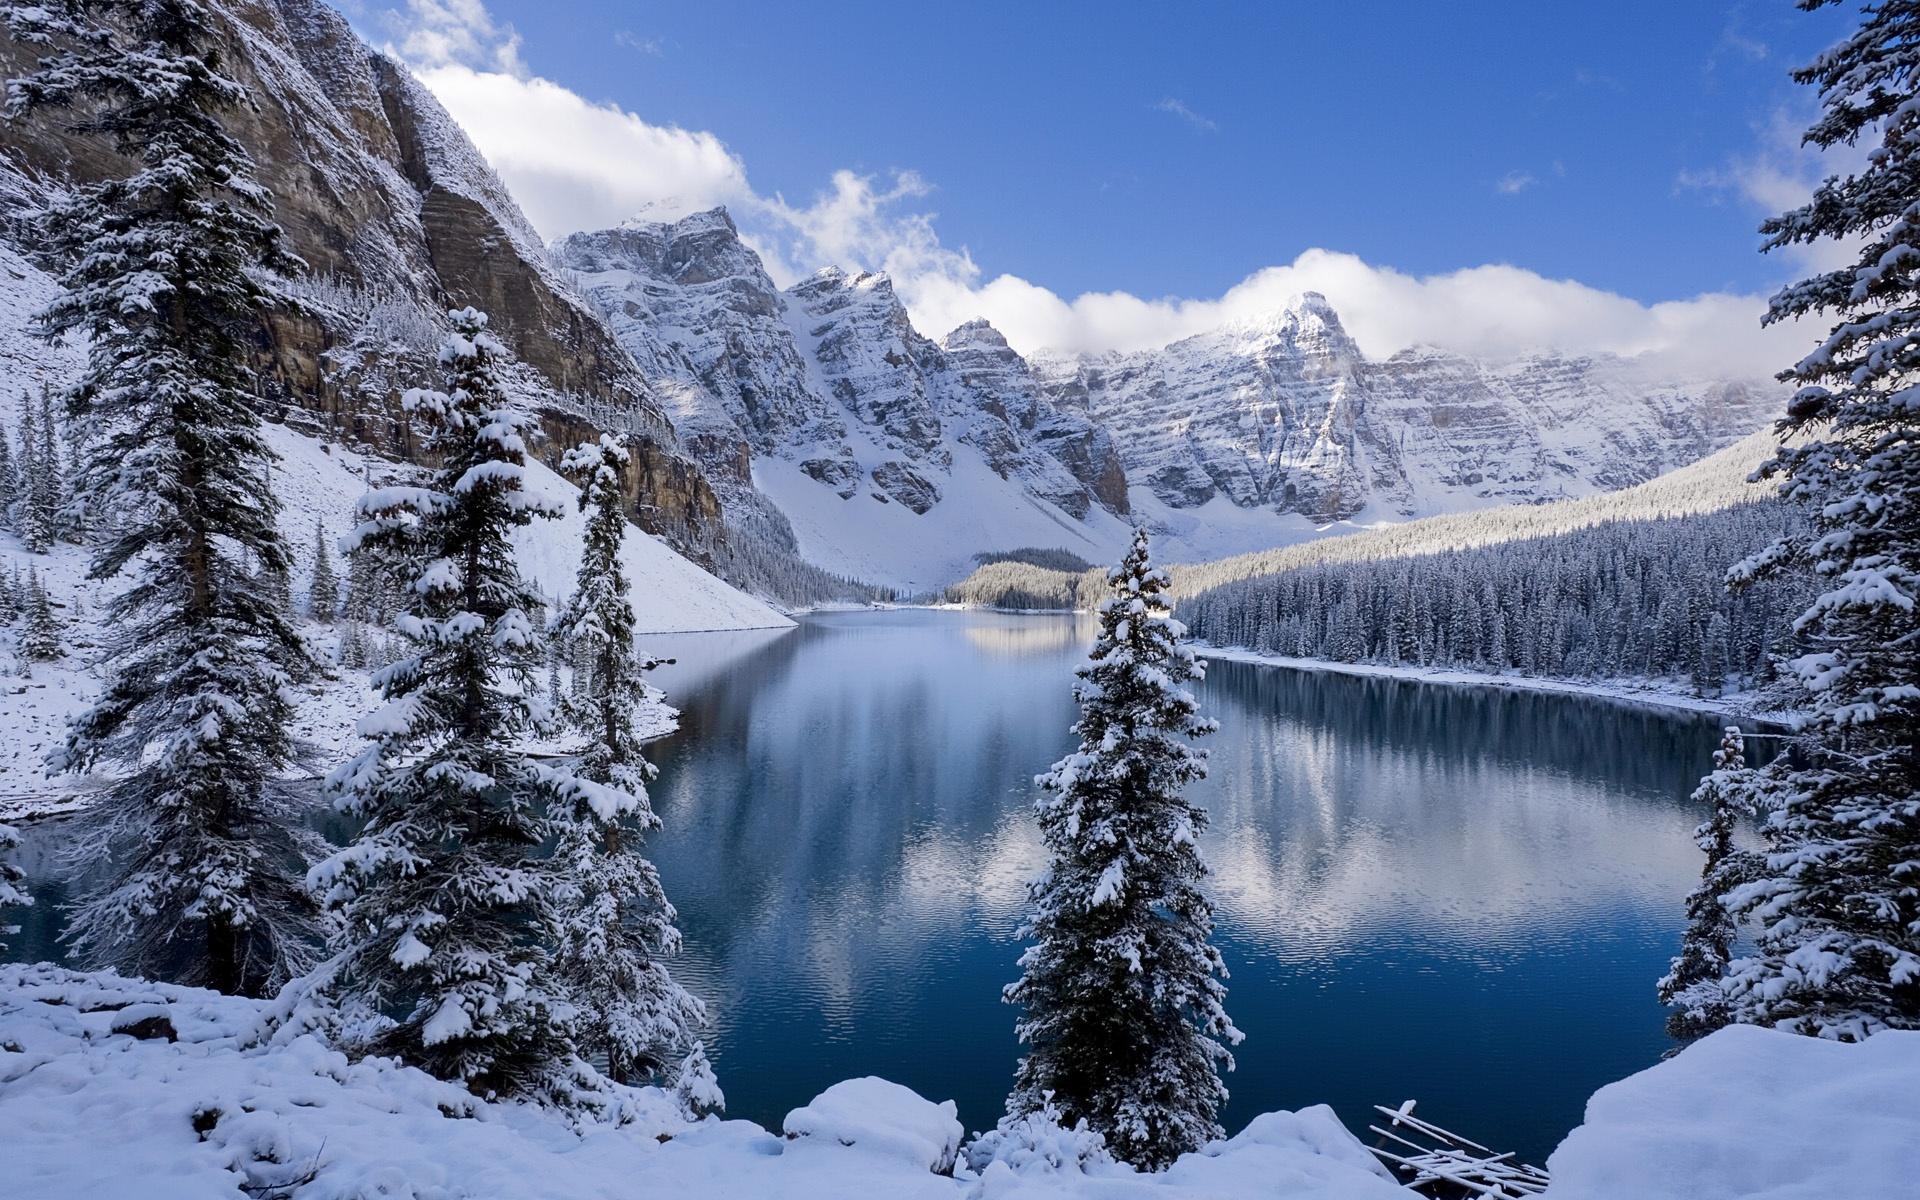 Открытки днем, картинки с красивой зимой